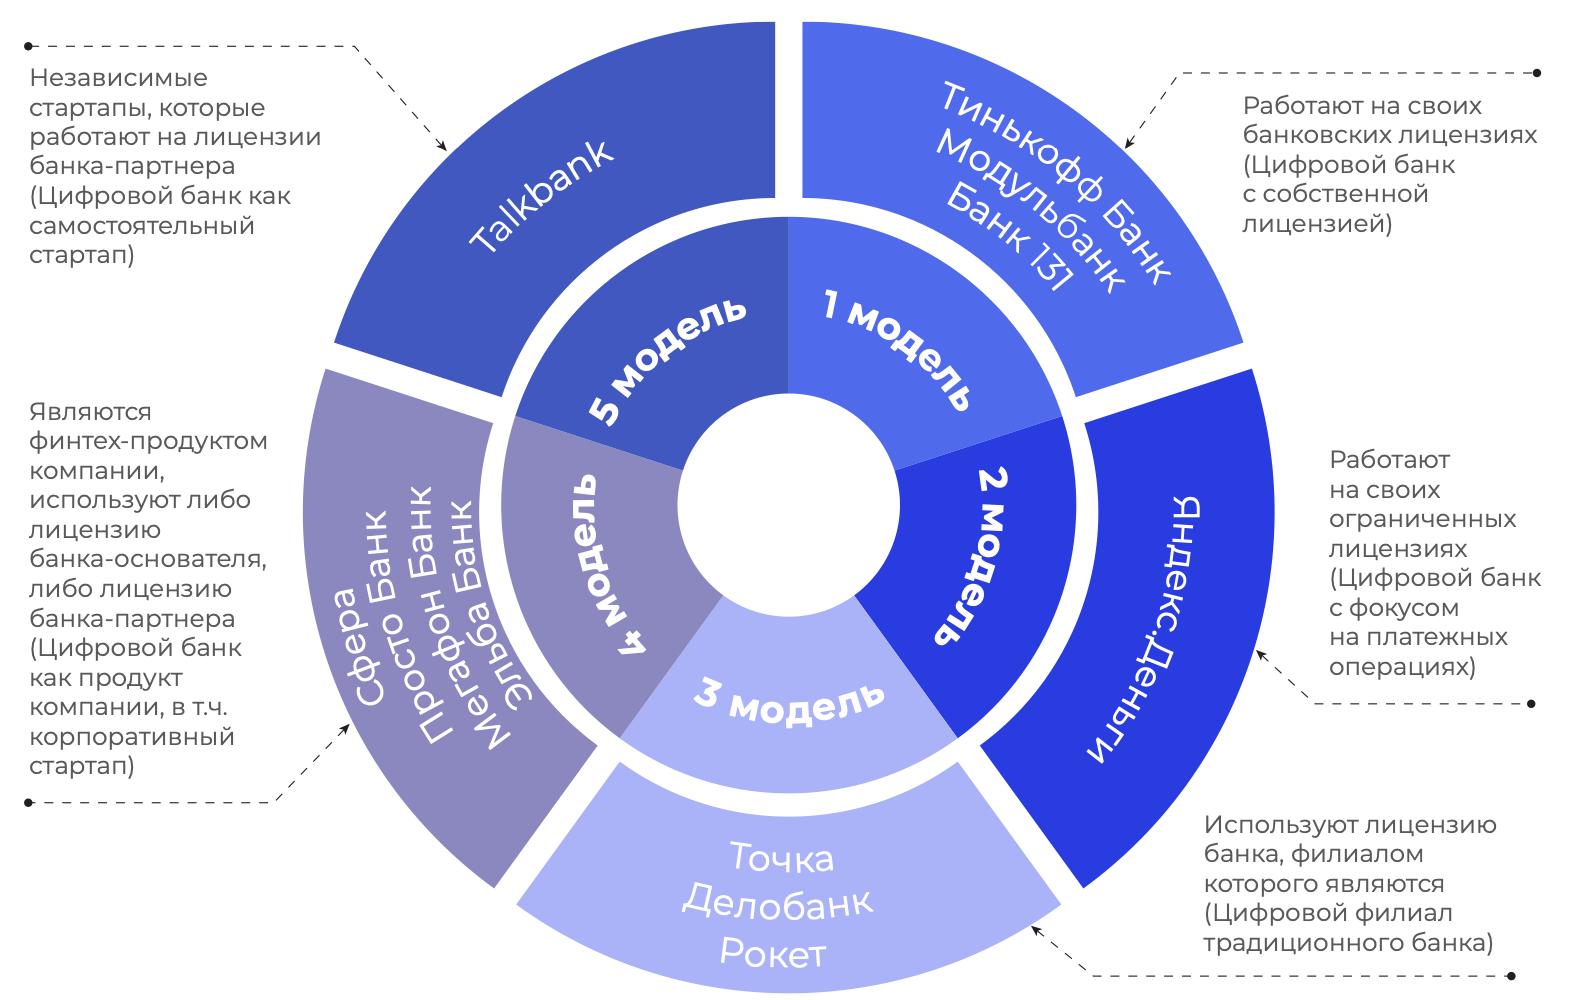 модели цифровых банков